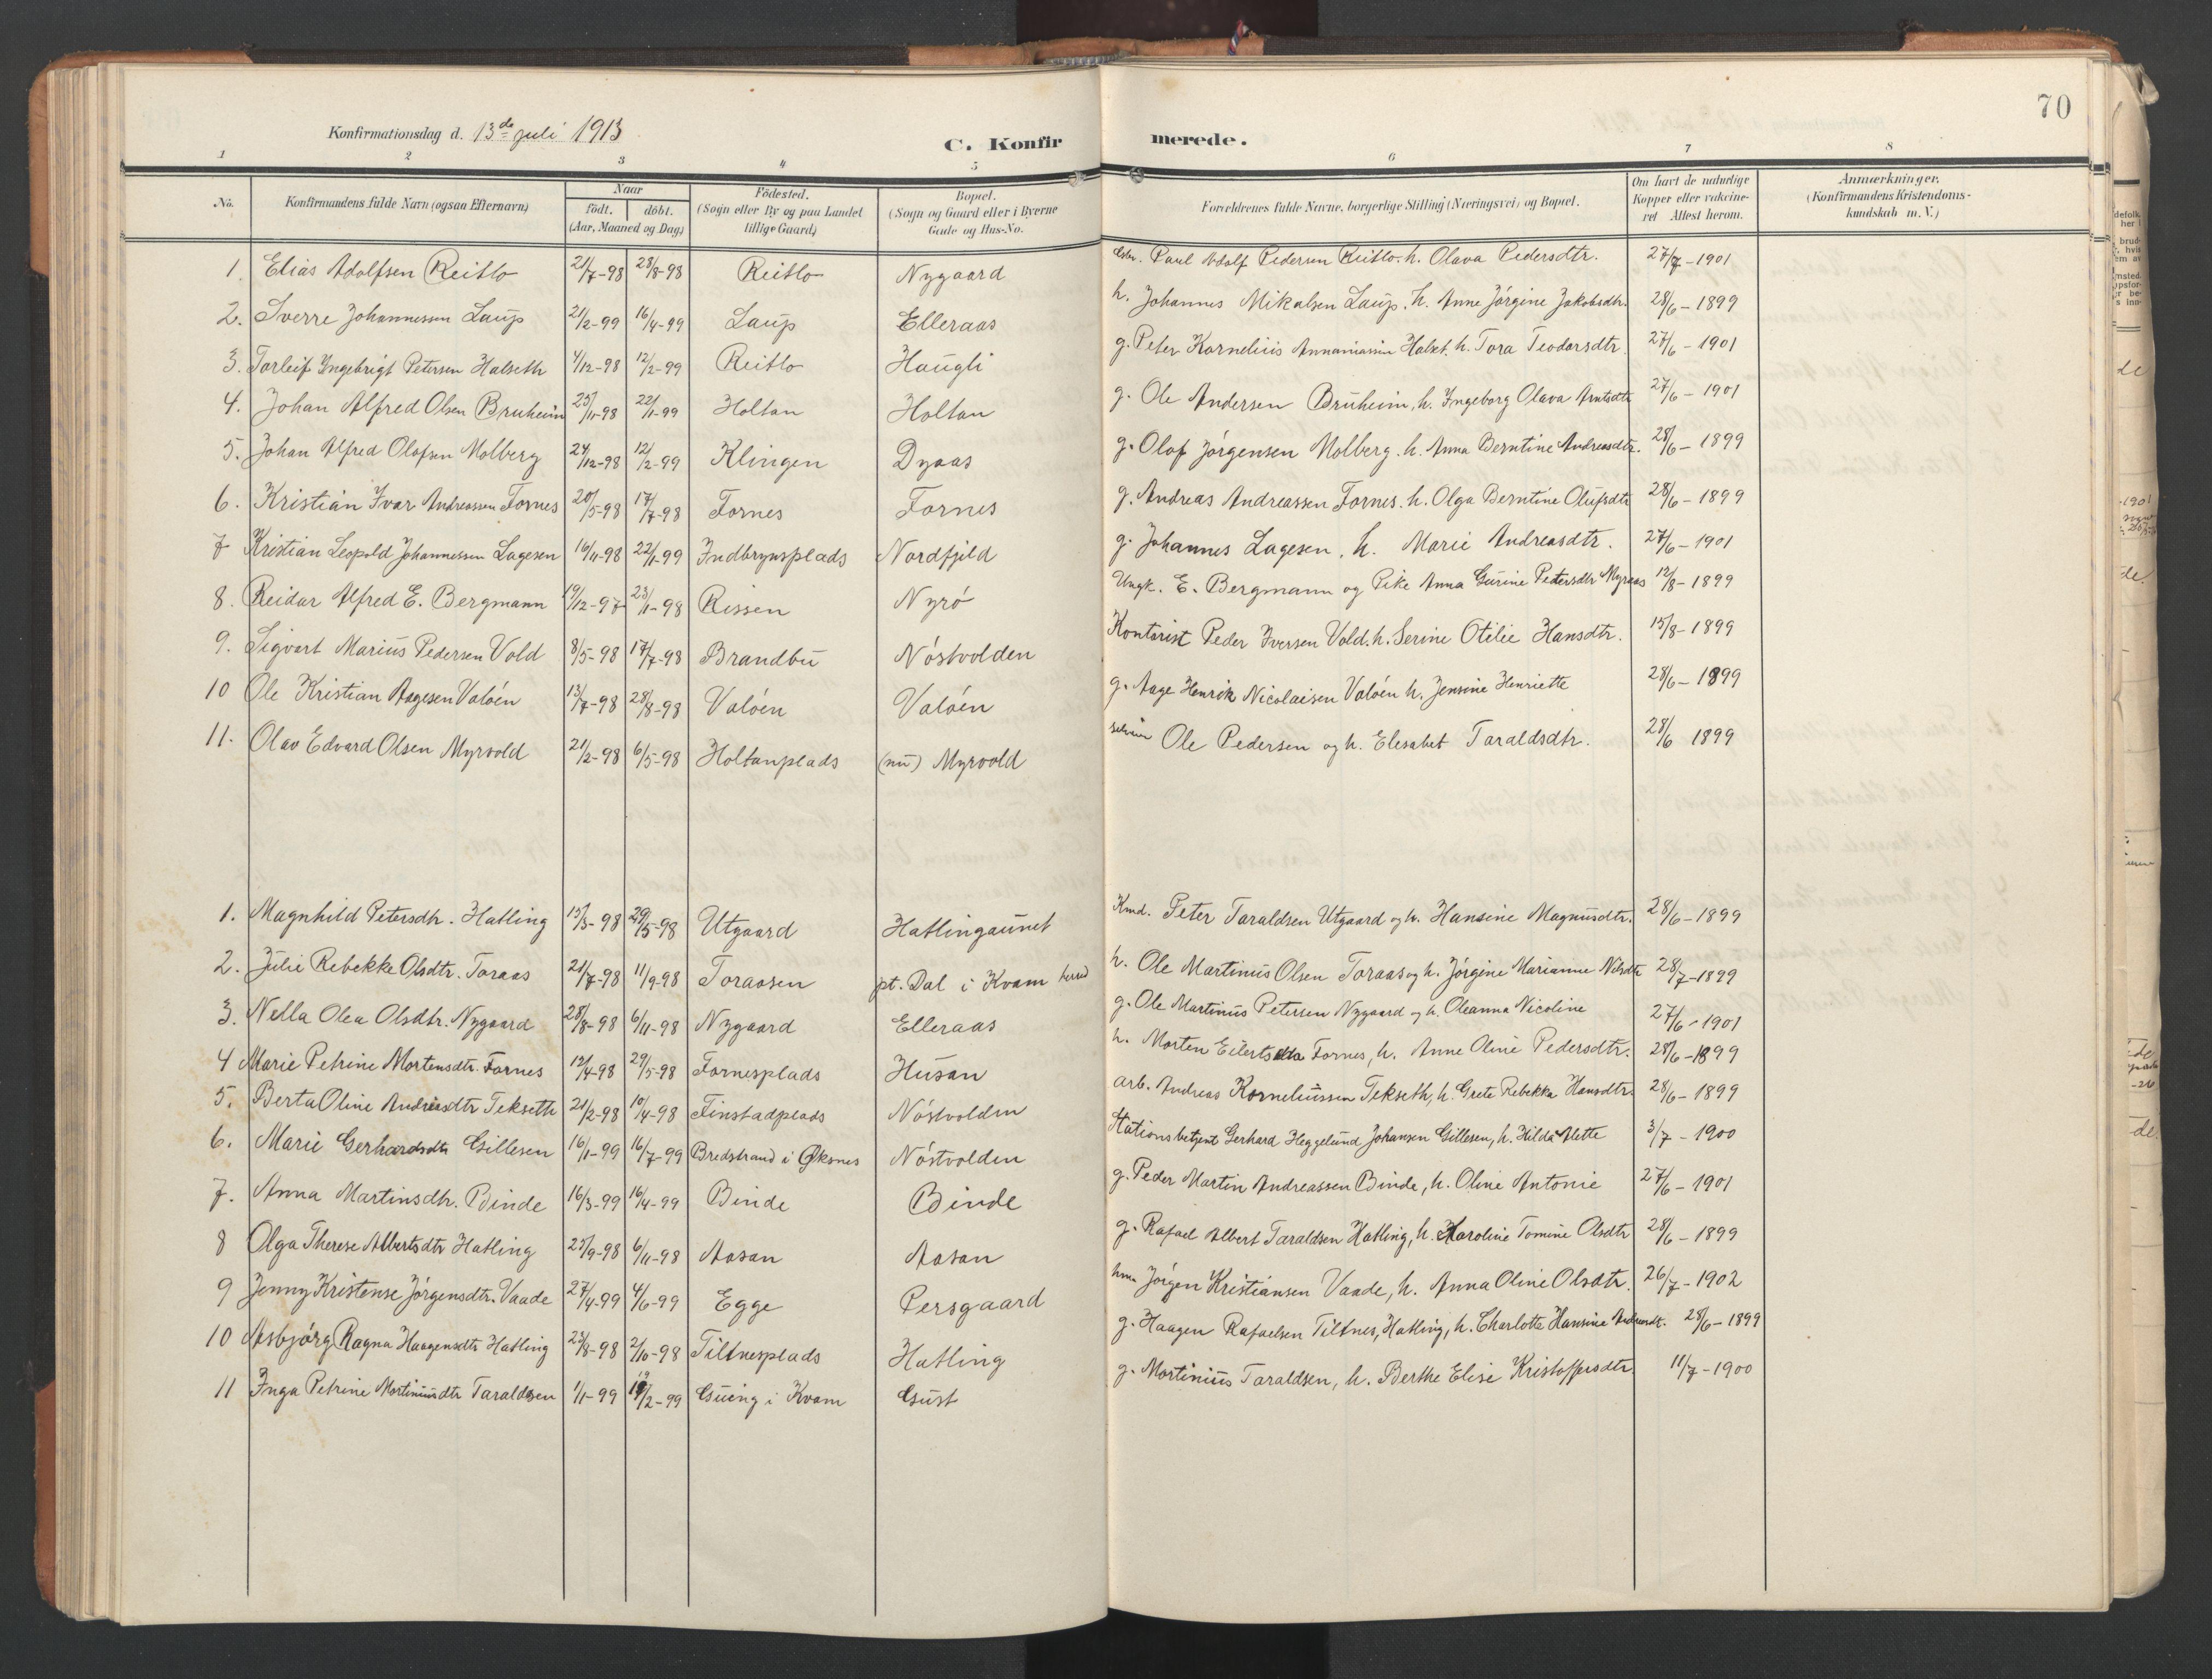 SAT, Ministerialprotokoller, klokkerbøker og fødselsregistre - Nord-Trøndelag, 746/L0455: Klokkerbok nr. 746C01, 1908-1933, s. 70